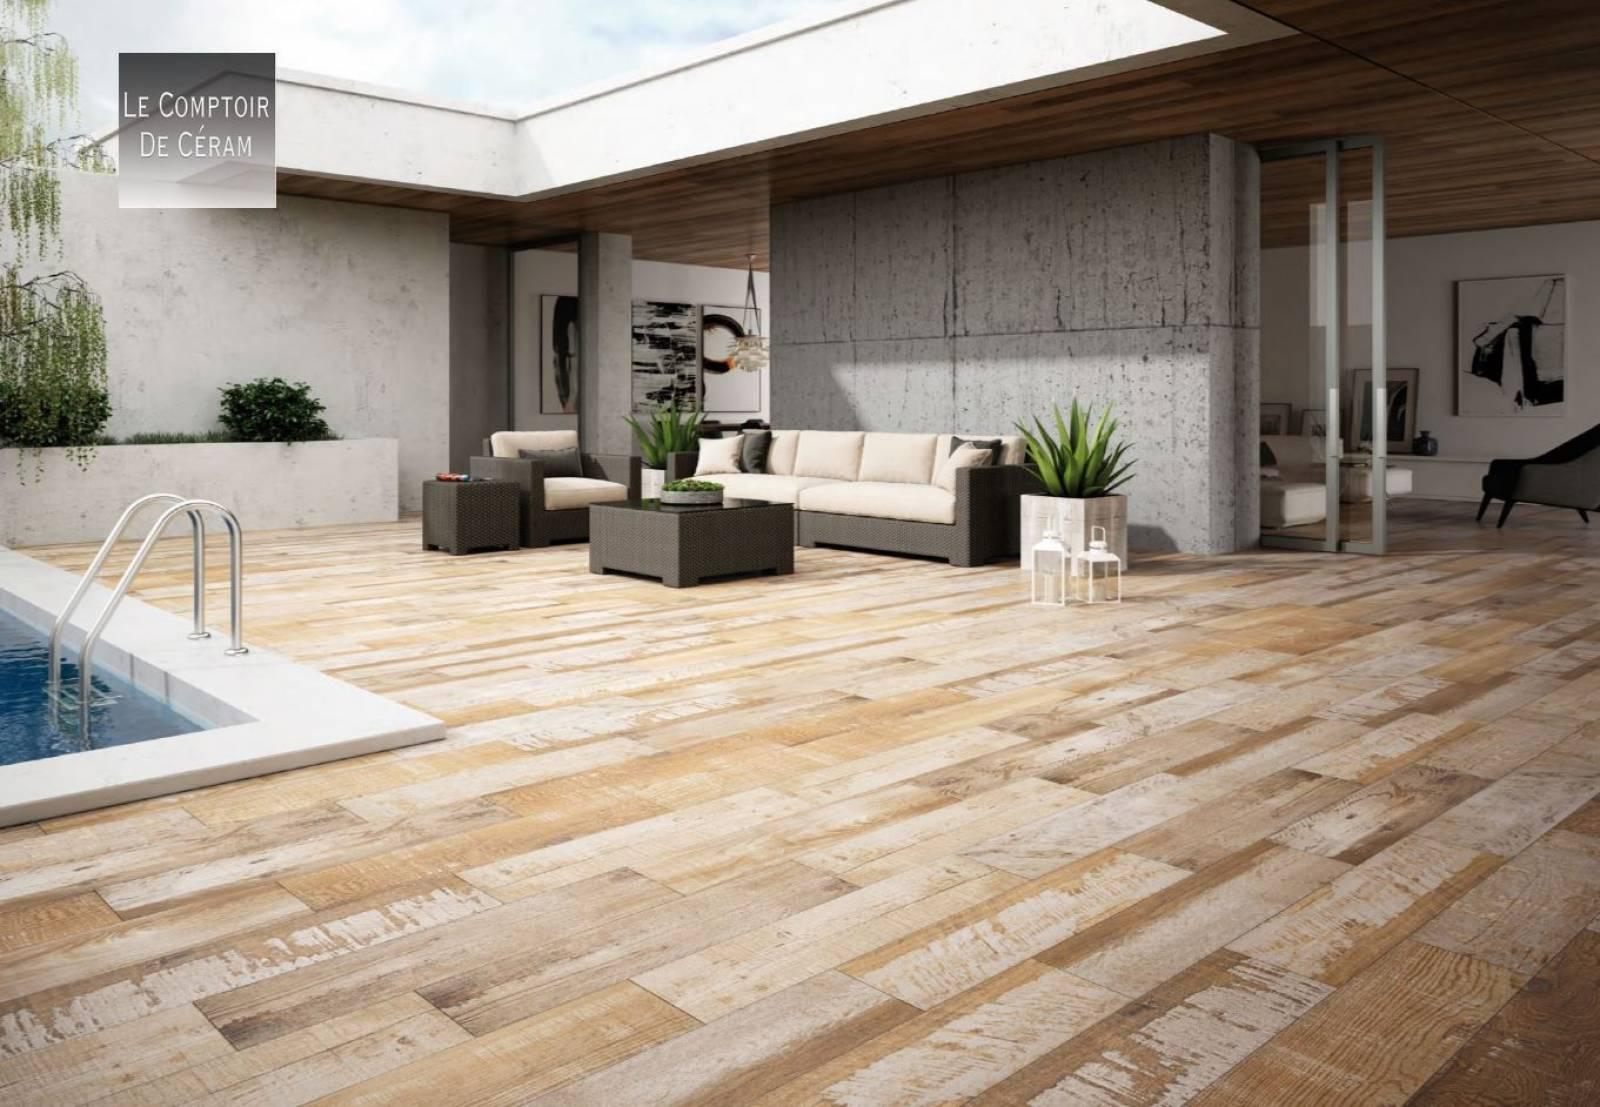 Vente Bois Pour Terrasse carrelage terrasse bois style industriel design jacou ex28